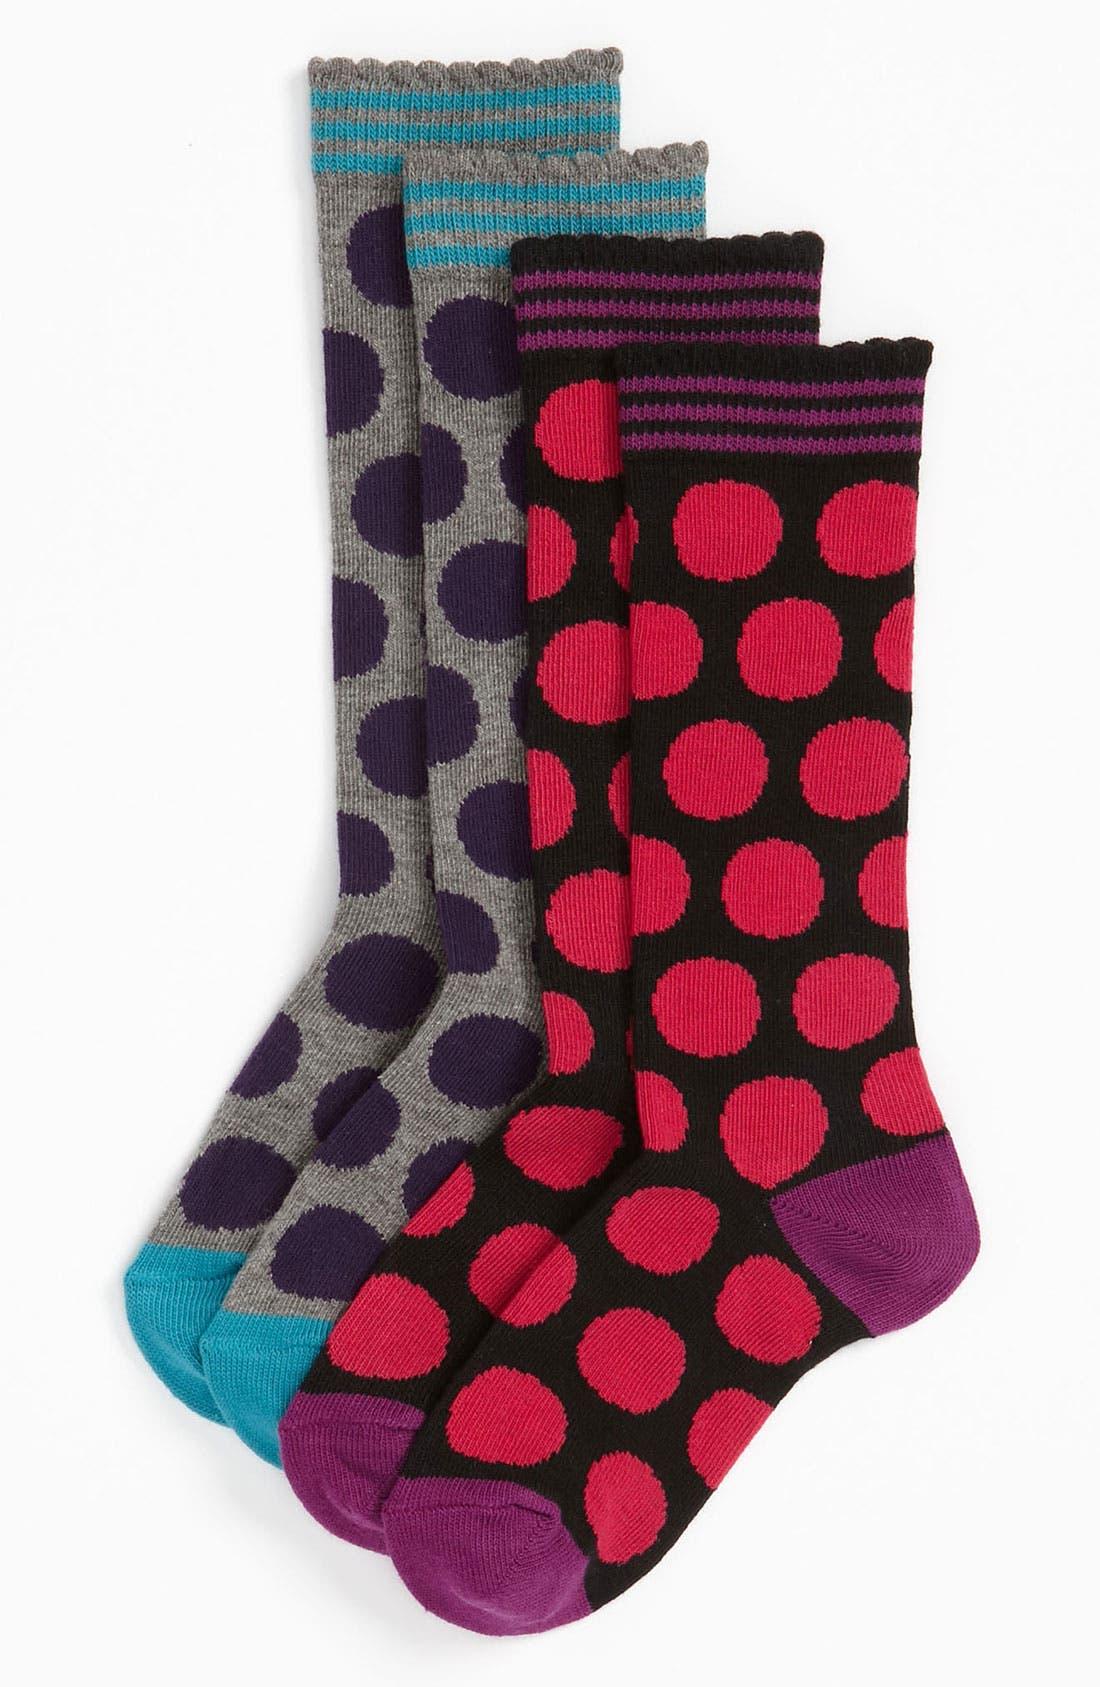 Alternate Image 1 Selected - Nordstrom 'Mega Dot' Knee High Socks (2-Pack) (Toddler, Little Girls & Big Girls)